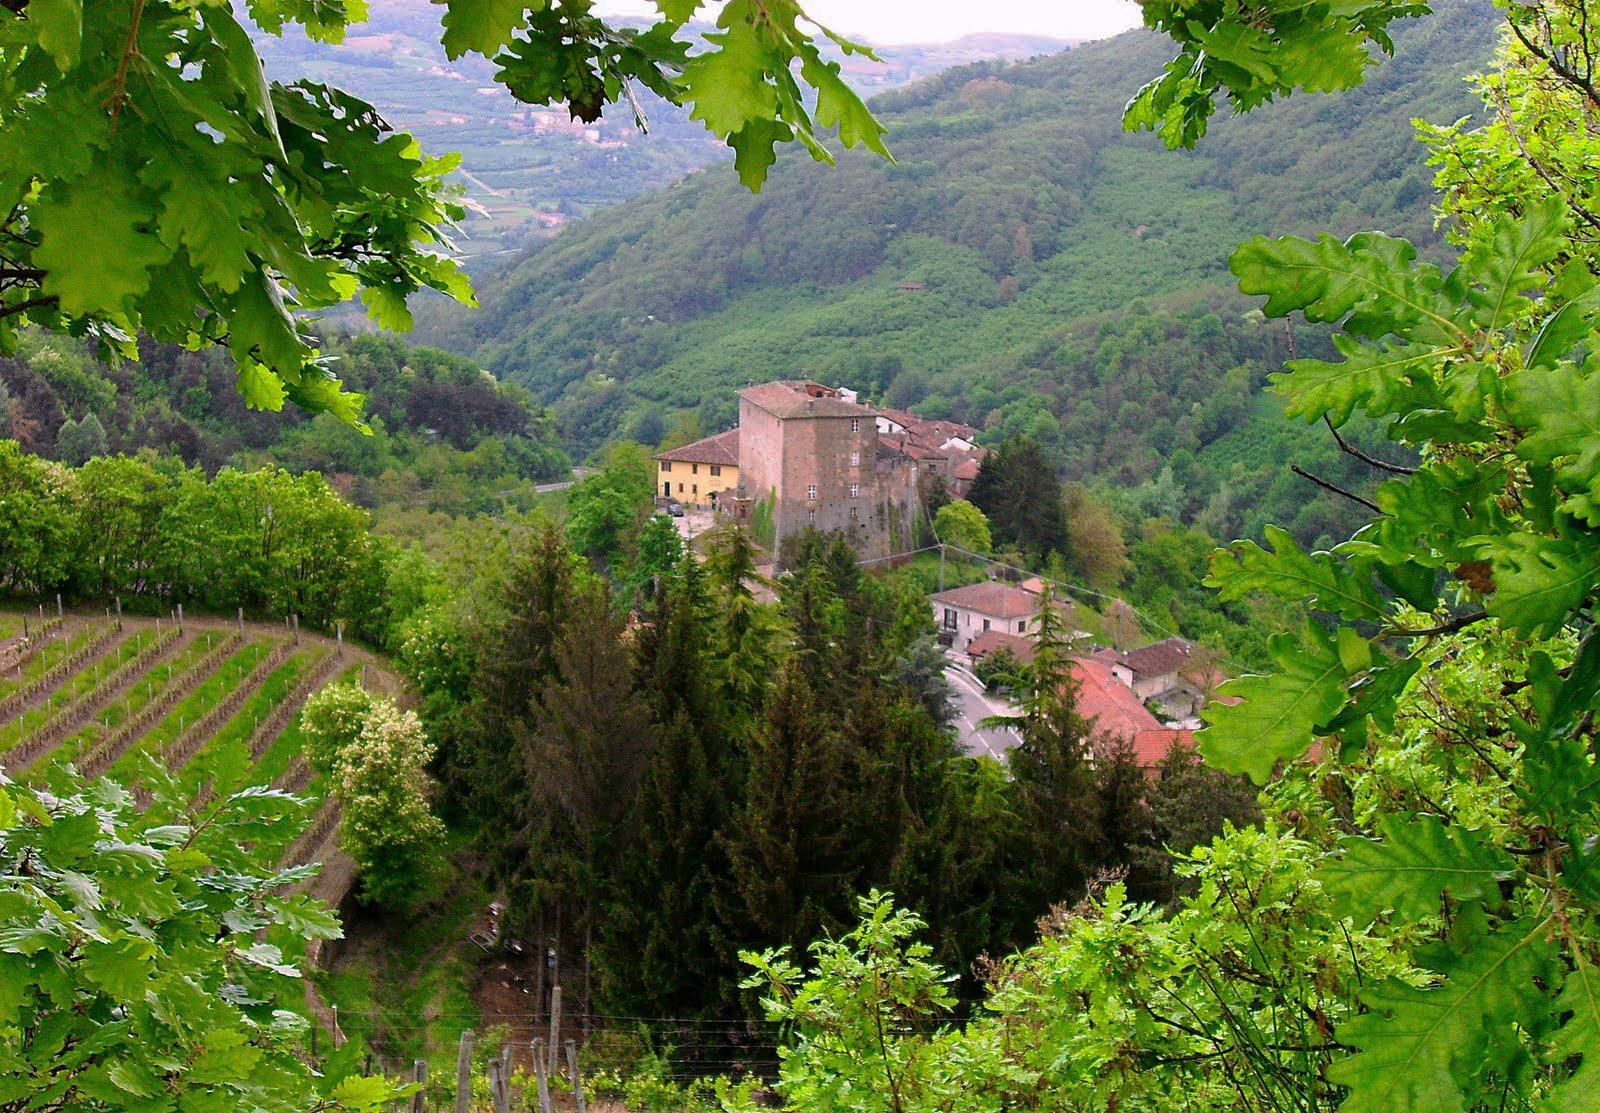 """""""Da verdi colline circondata, in un piccolo borgo son situata, di origine medioevale è il paese di Borgomale"""" -"""